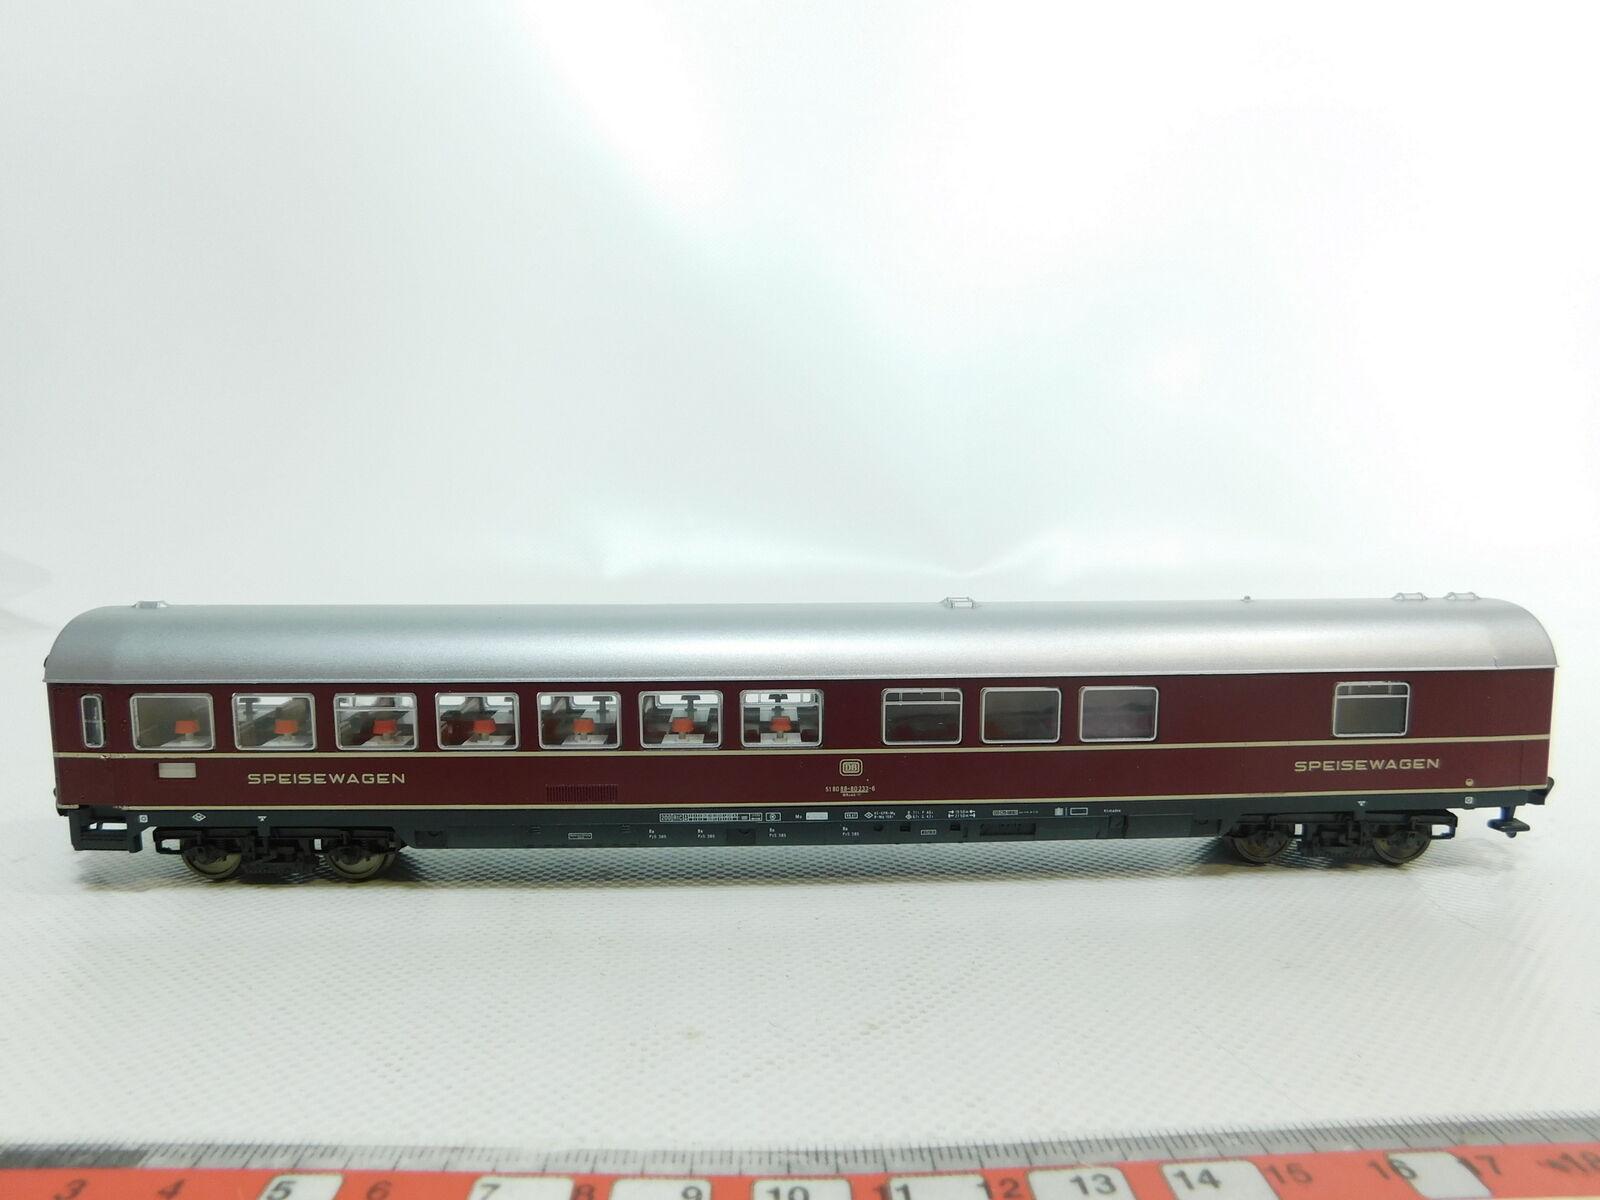 Bi539-0,5 Fleischmann H0 DC 5105 Buffet Car 88-80 233   wrümh 132 dB,Very Good